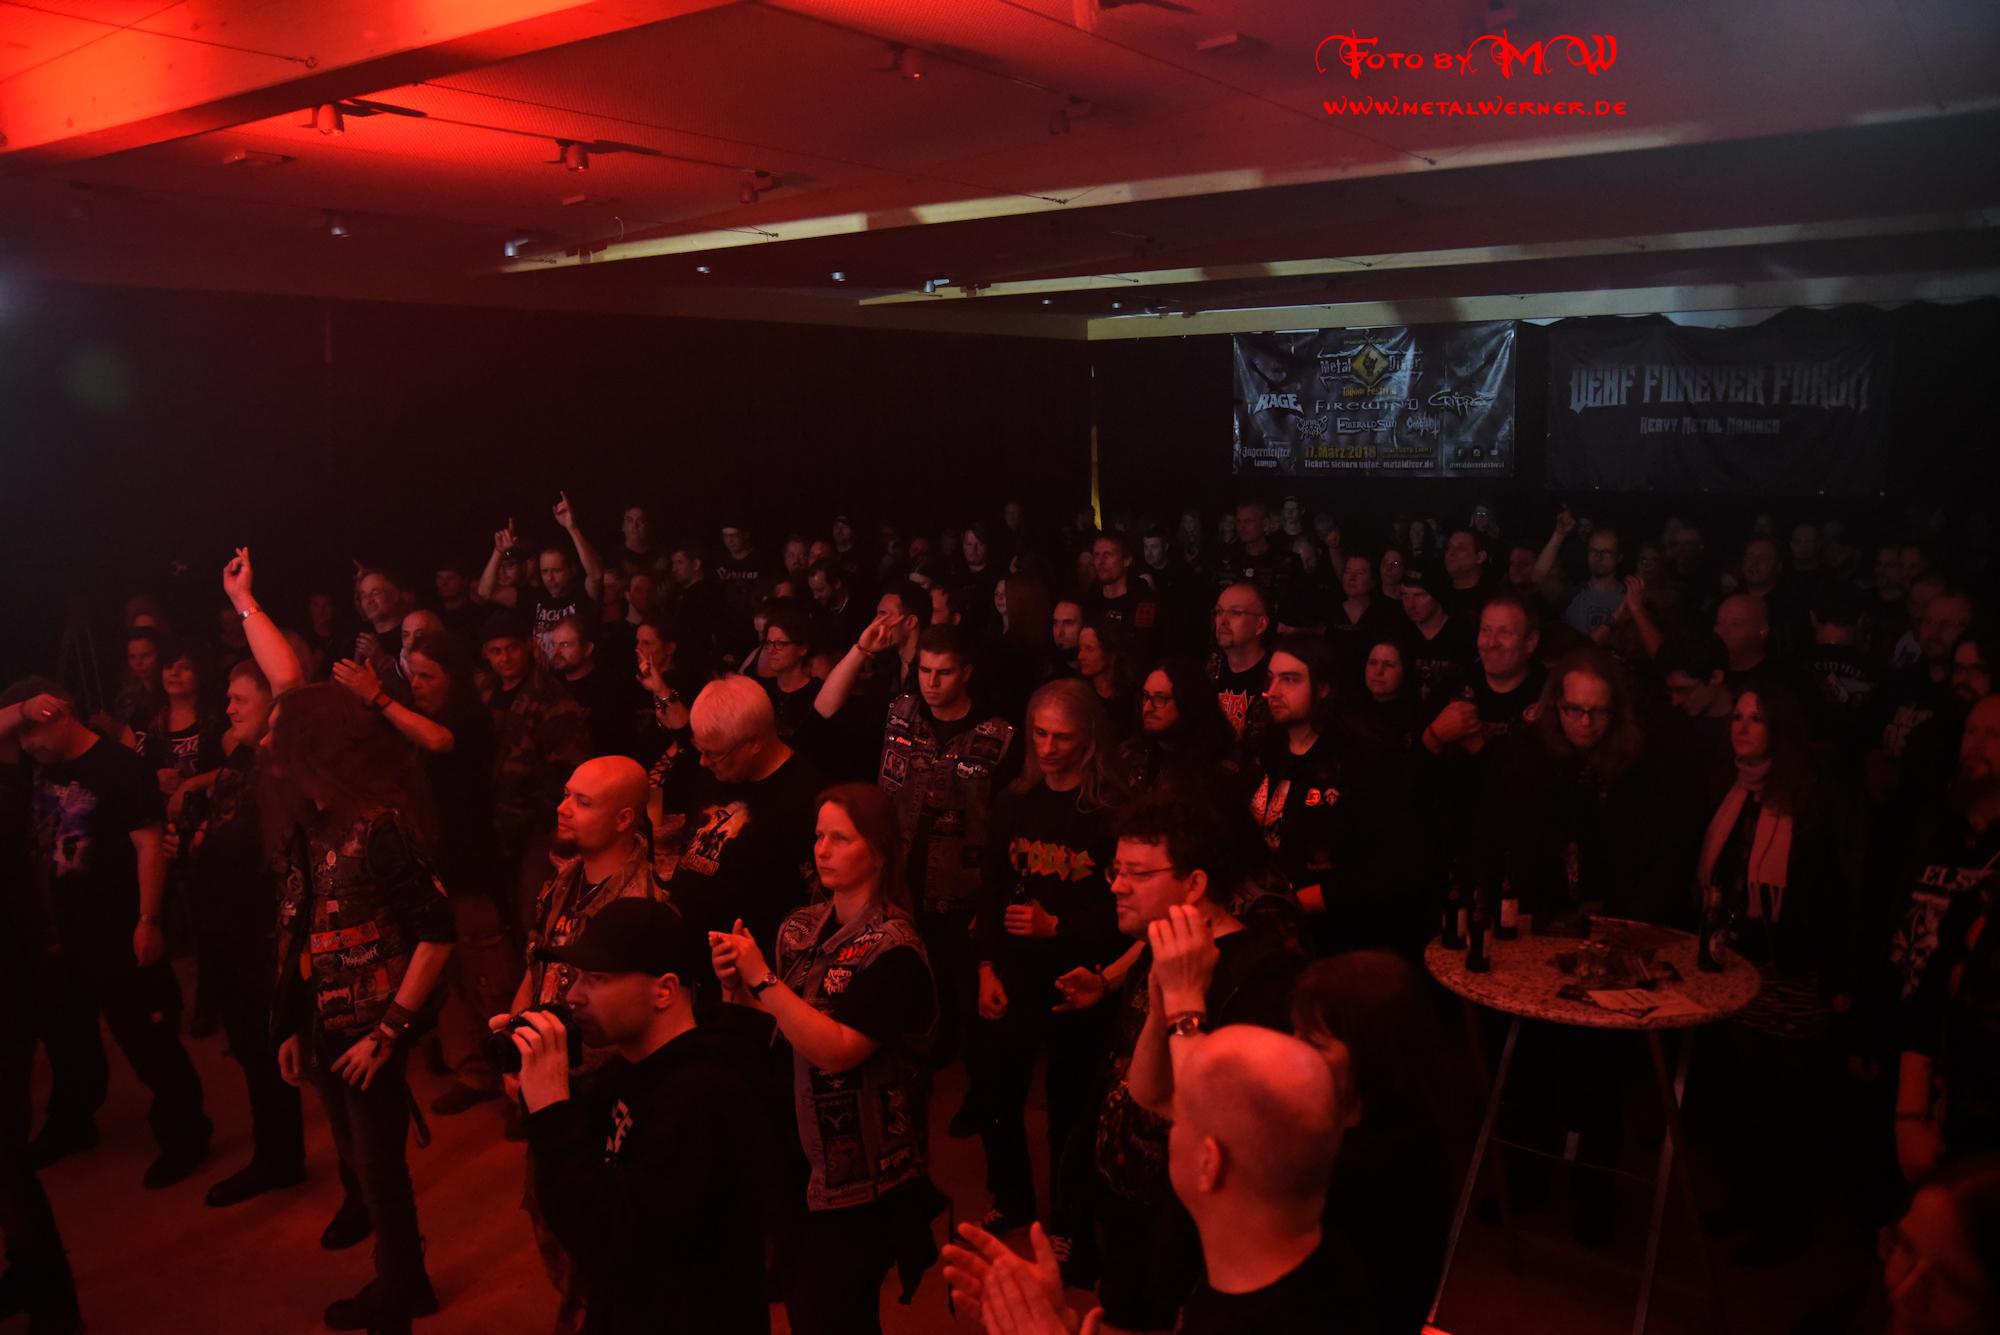 Metal fans kennenlernen